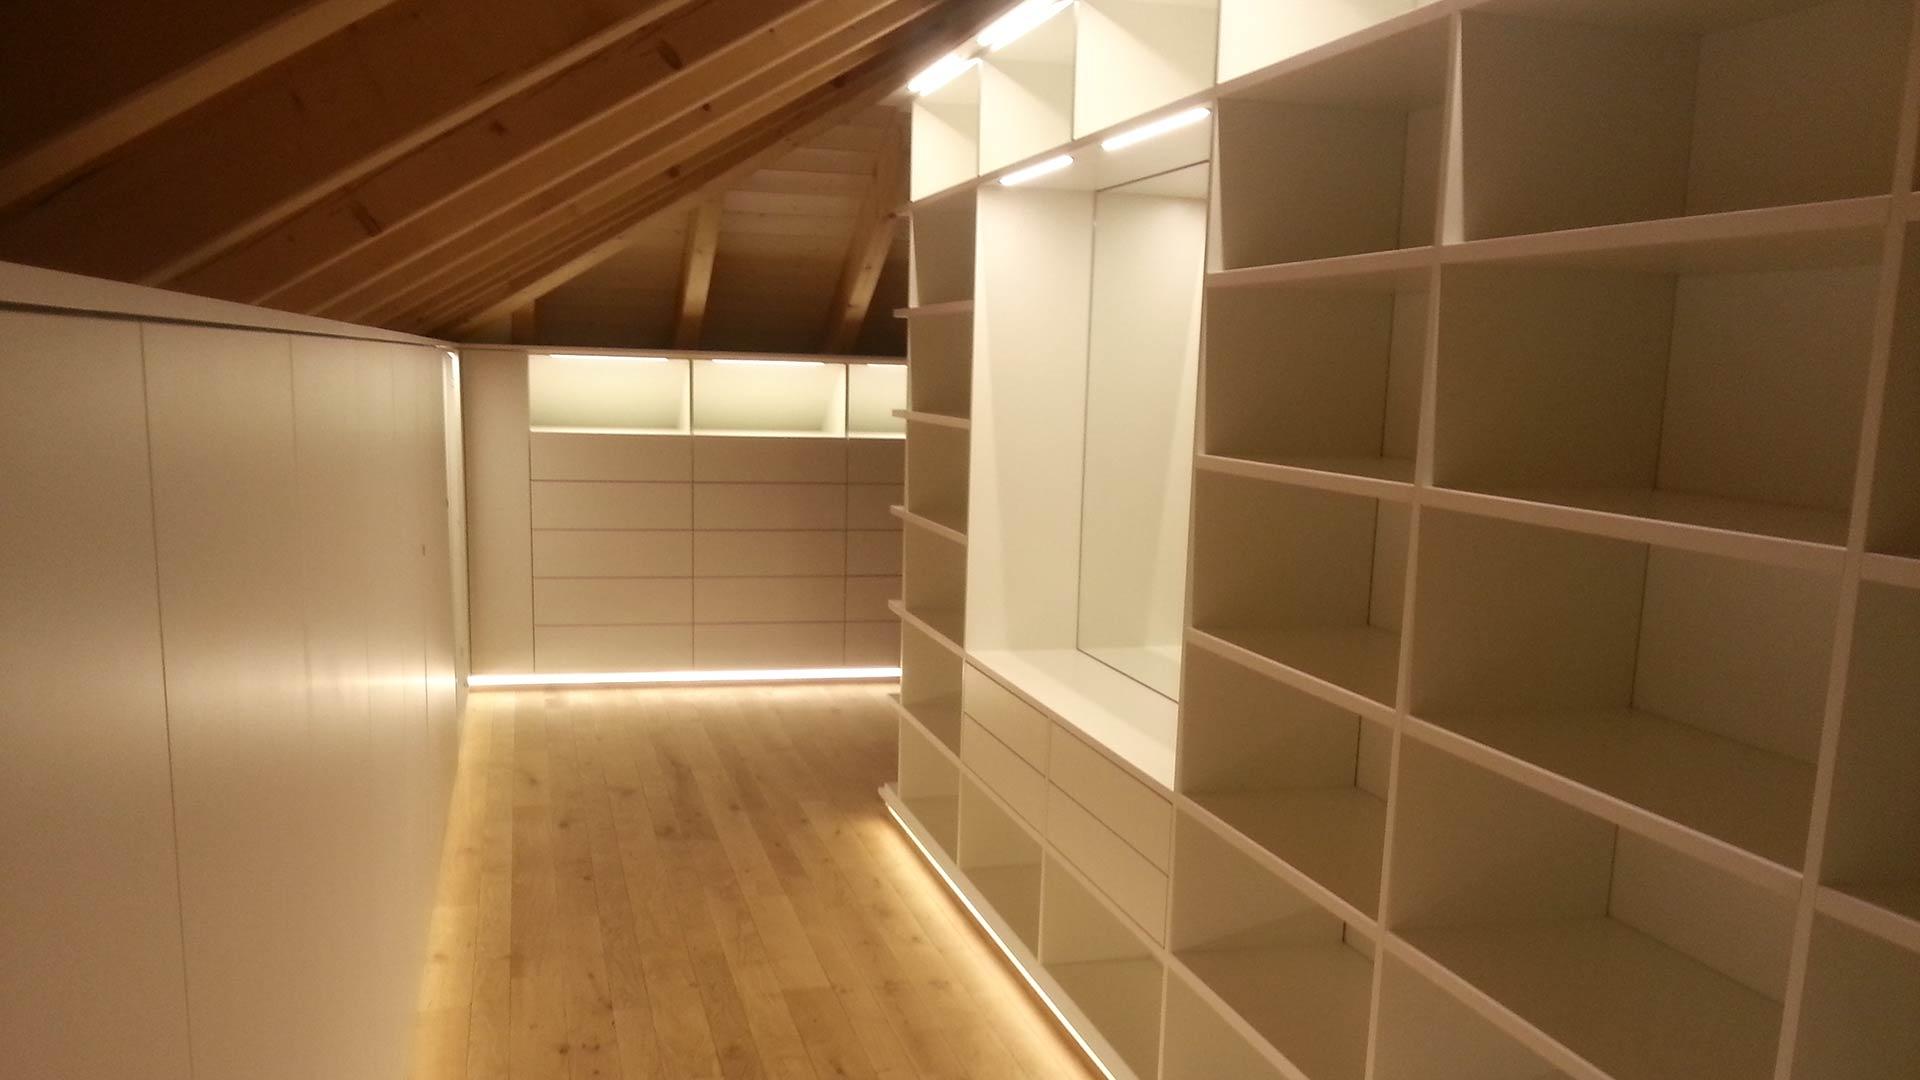 Geräumige Ankleide mit indirekter Beleuchtung direkt unterm Dach